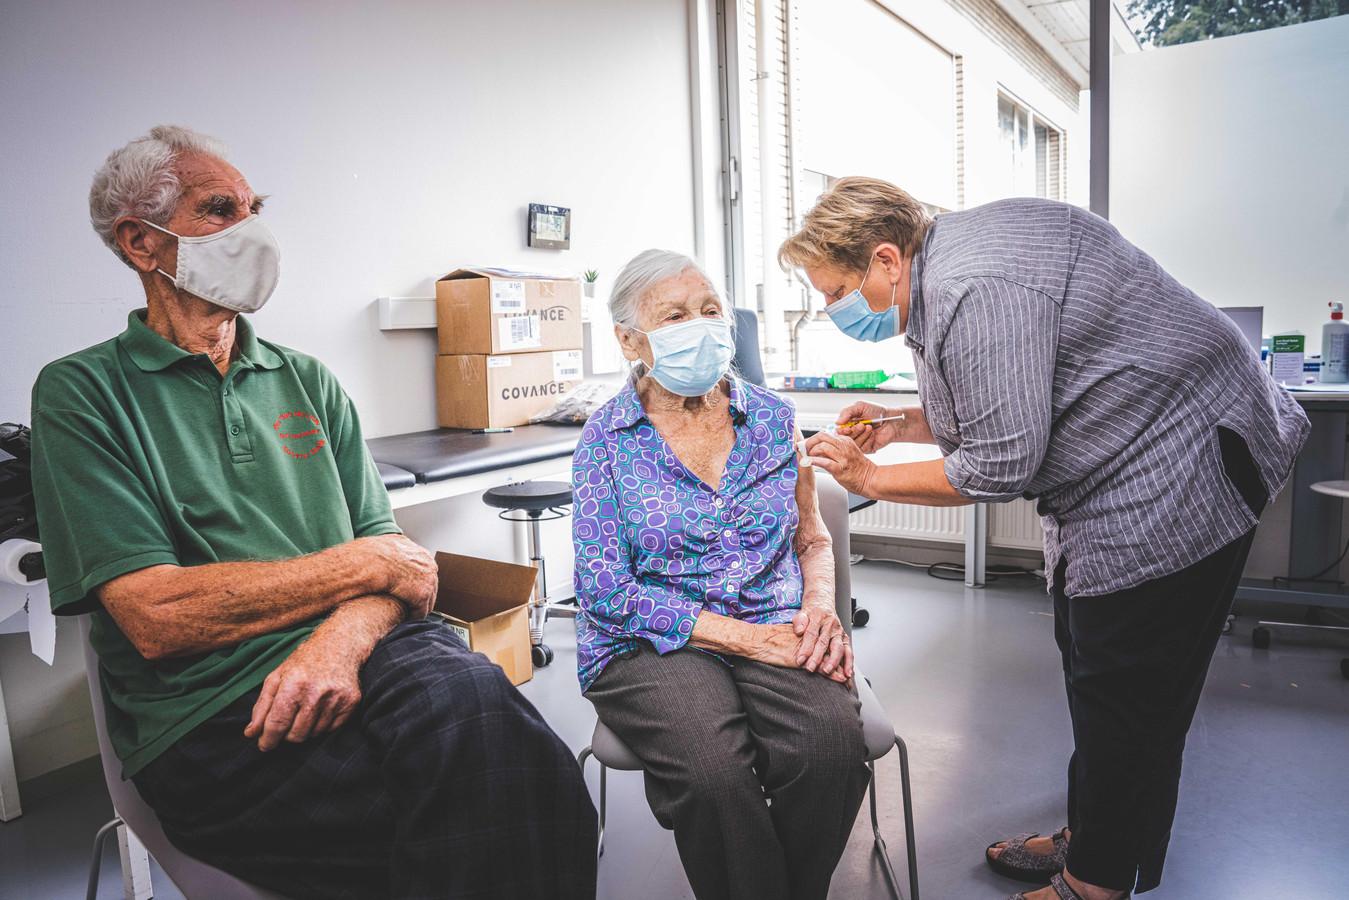 Renaat Vandeputte (84) en Yvonne De Coninck (97) krijgen hun testvaccin toegediend in het UZ